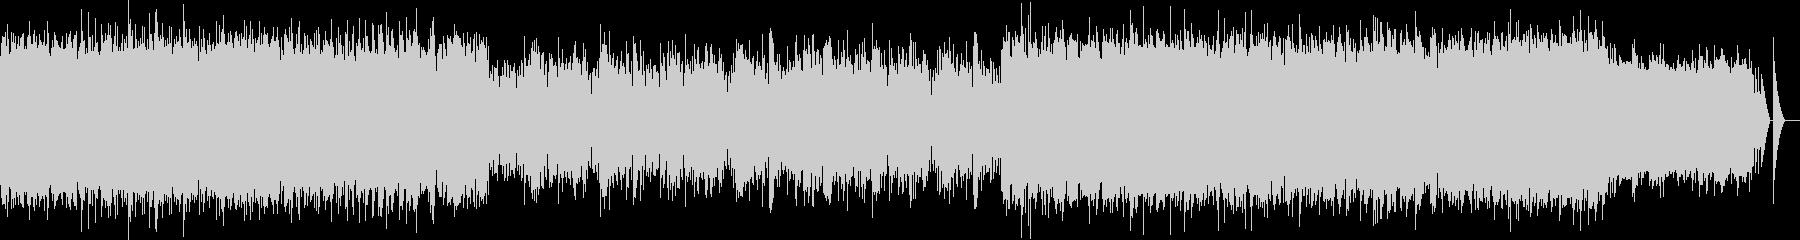 ショパン 幻想即興曲(オルゴール)の未再生の波形